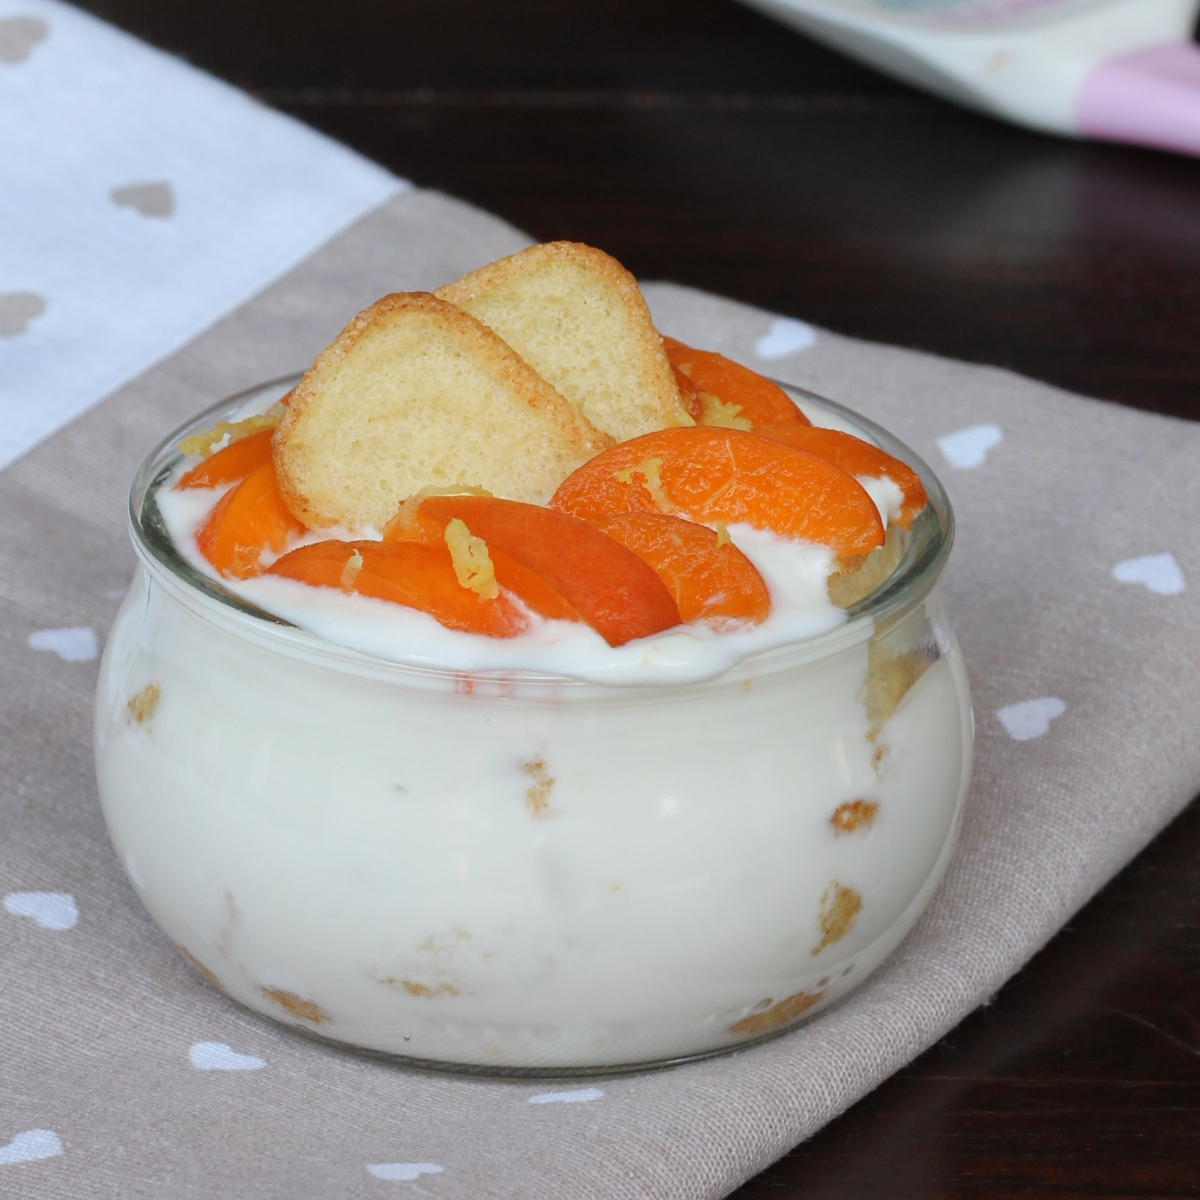 dessert ipocalorico con pavesini con albicocche fresche | dolce light veloce allo yogurt